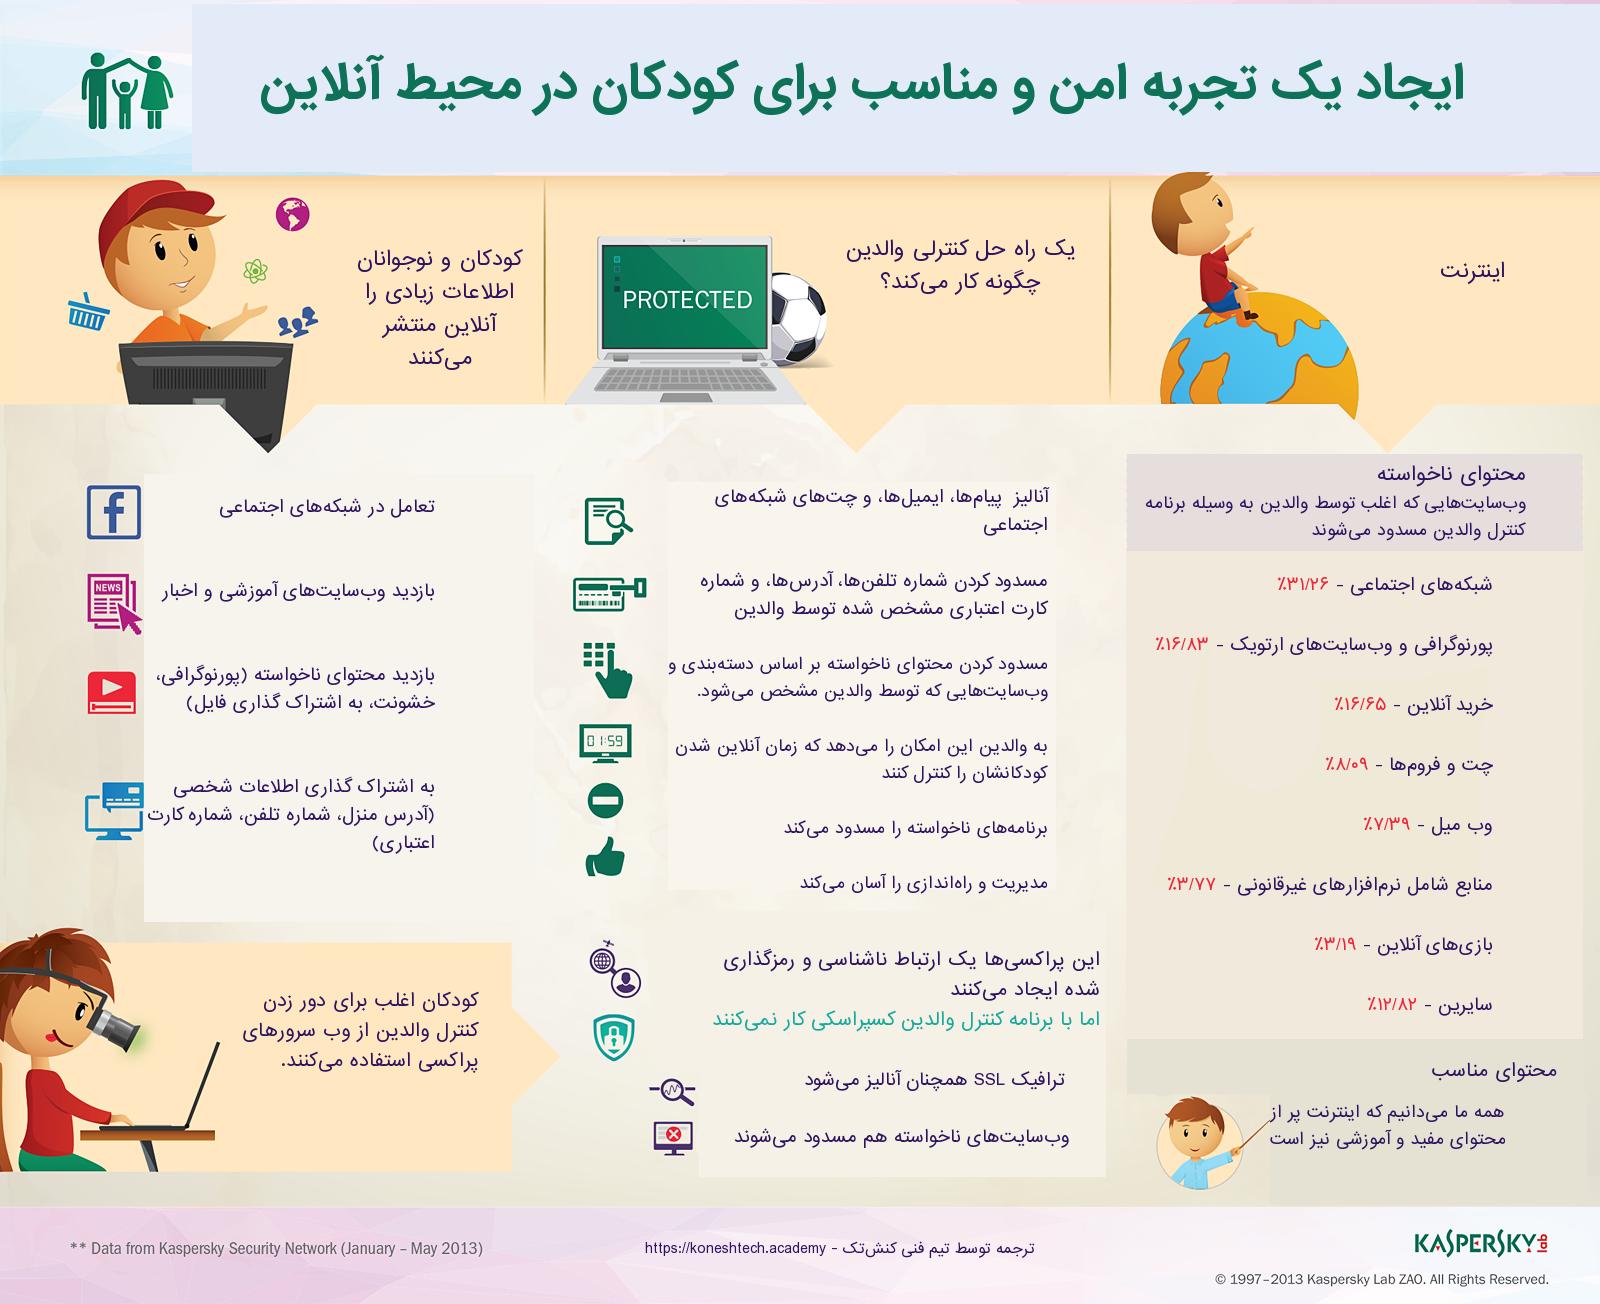 برقراری امنیت آنلاین کودکان